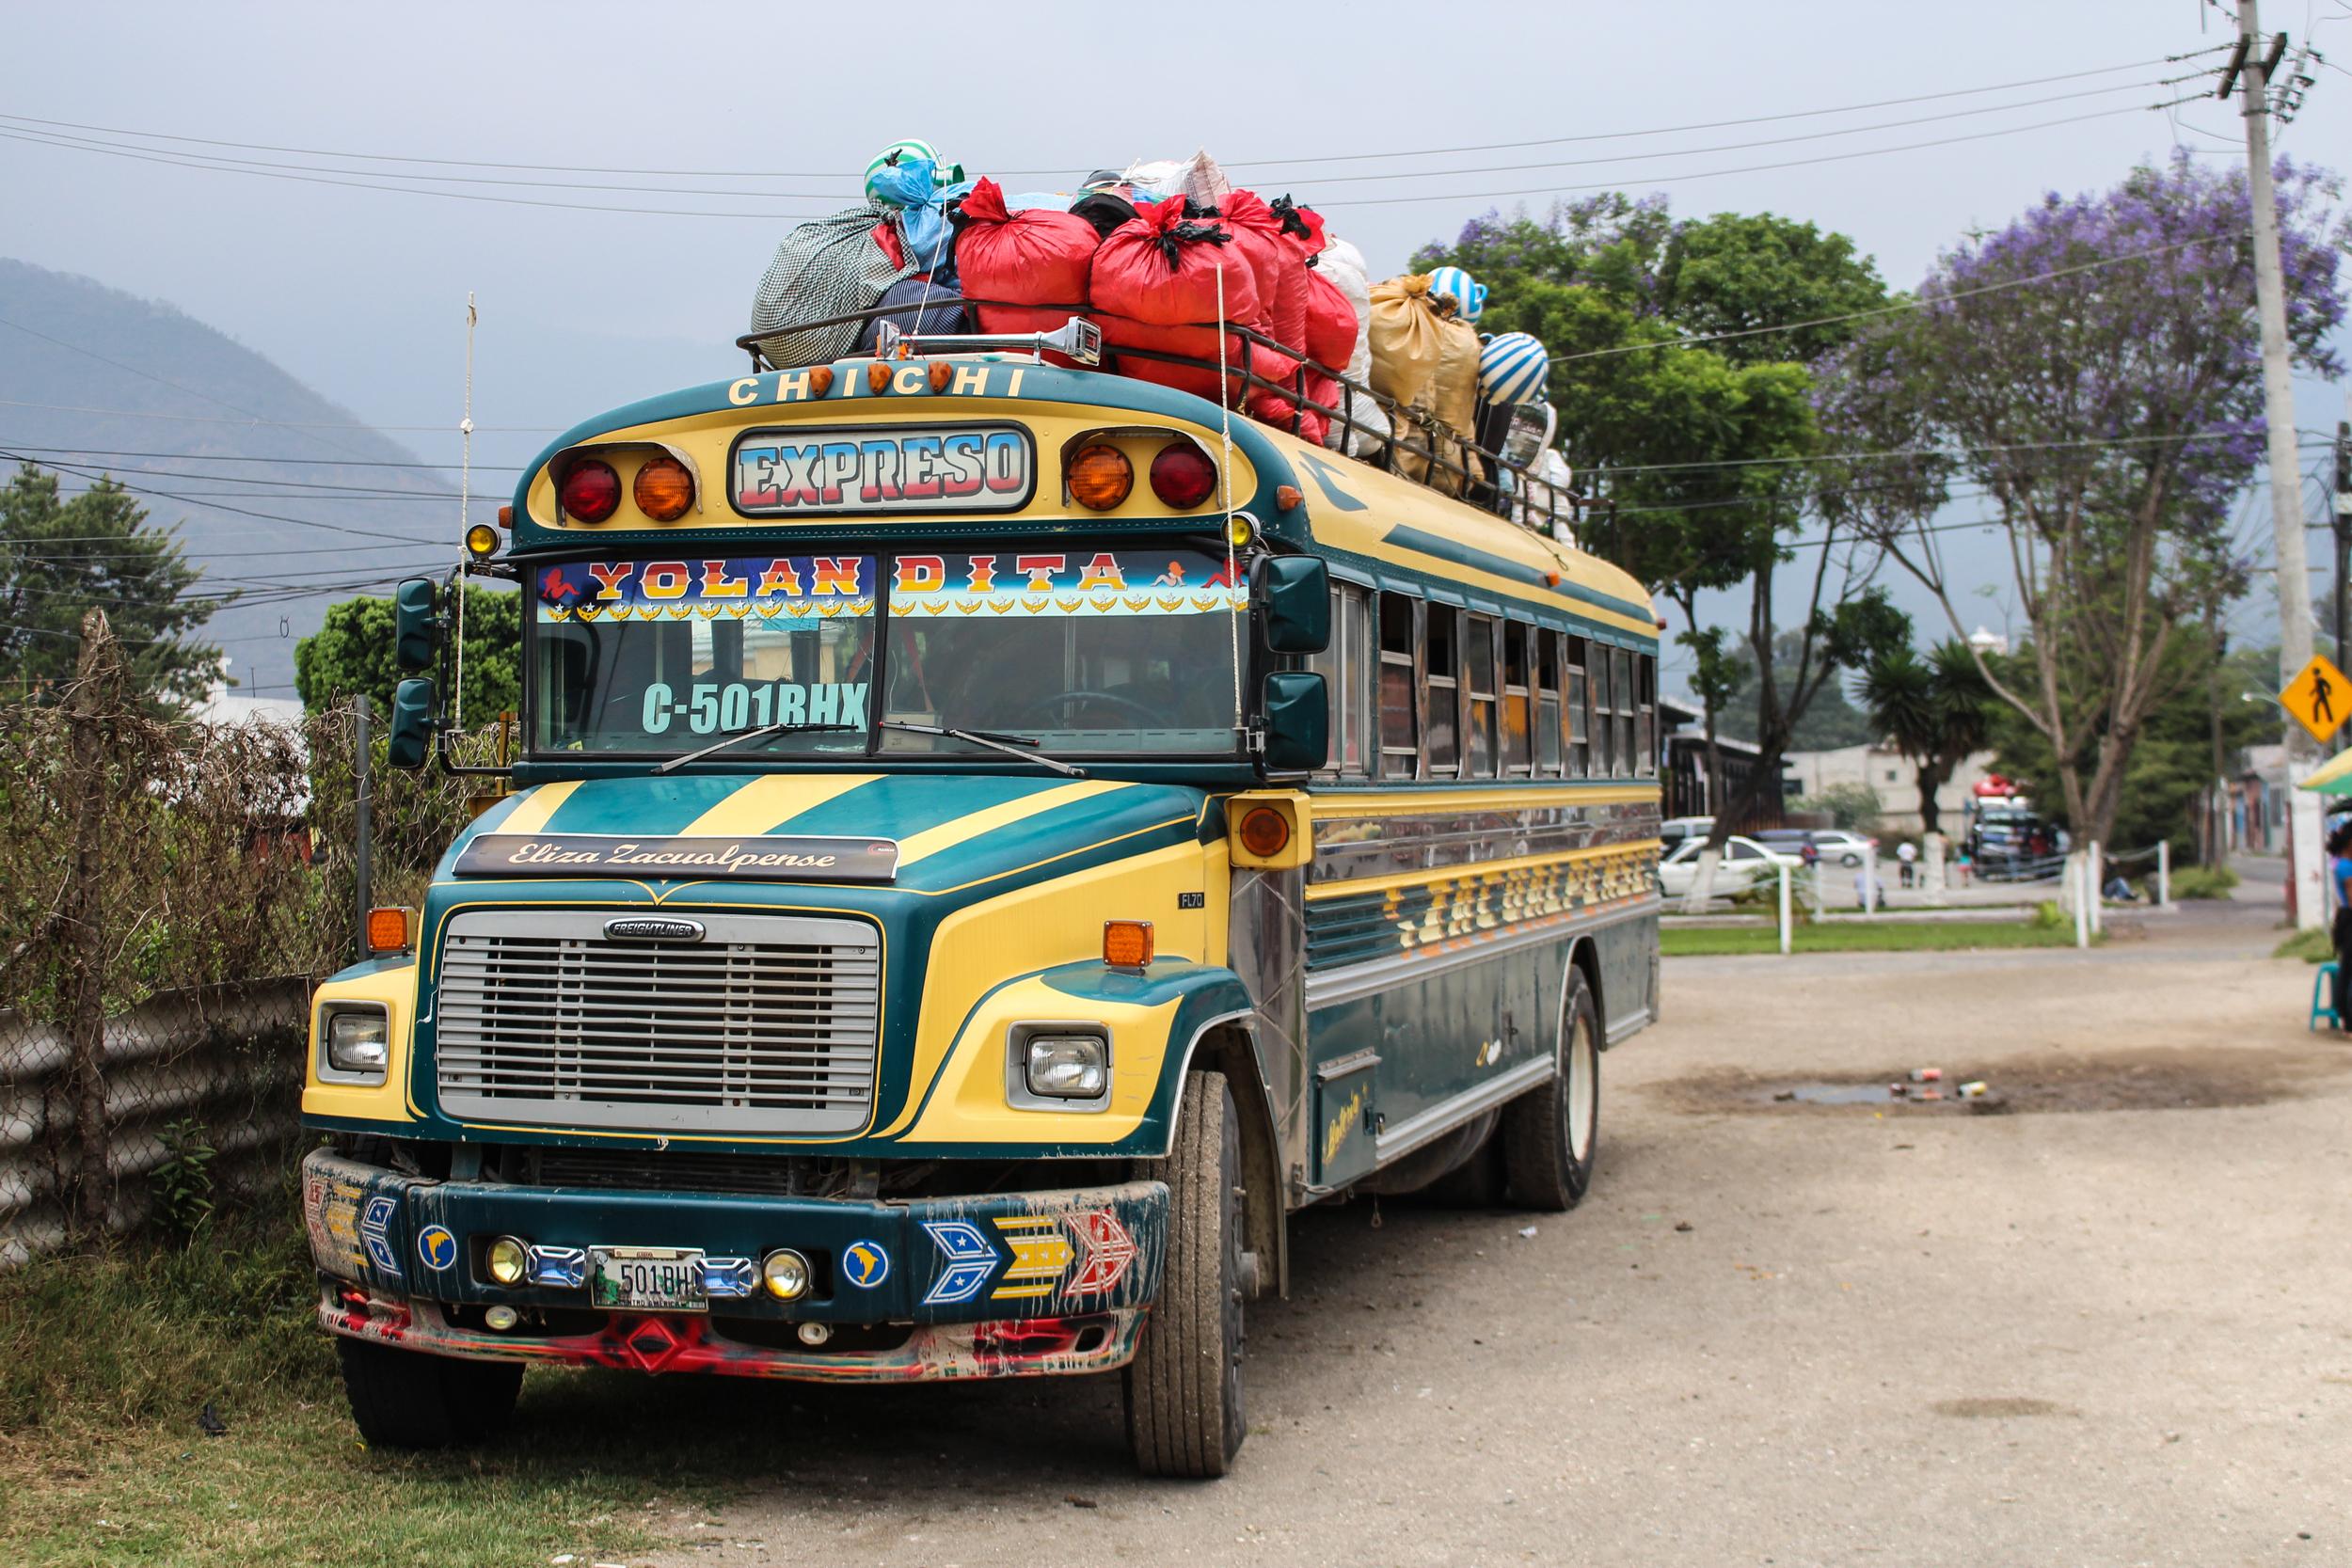 A chicken bus, named Yolandita, raring to go,